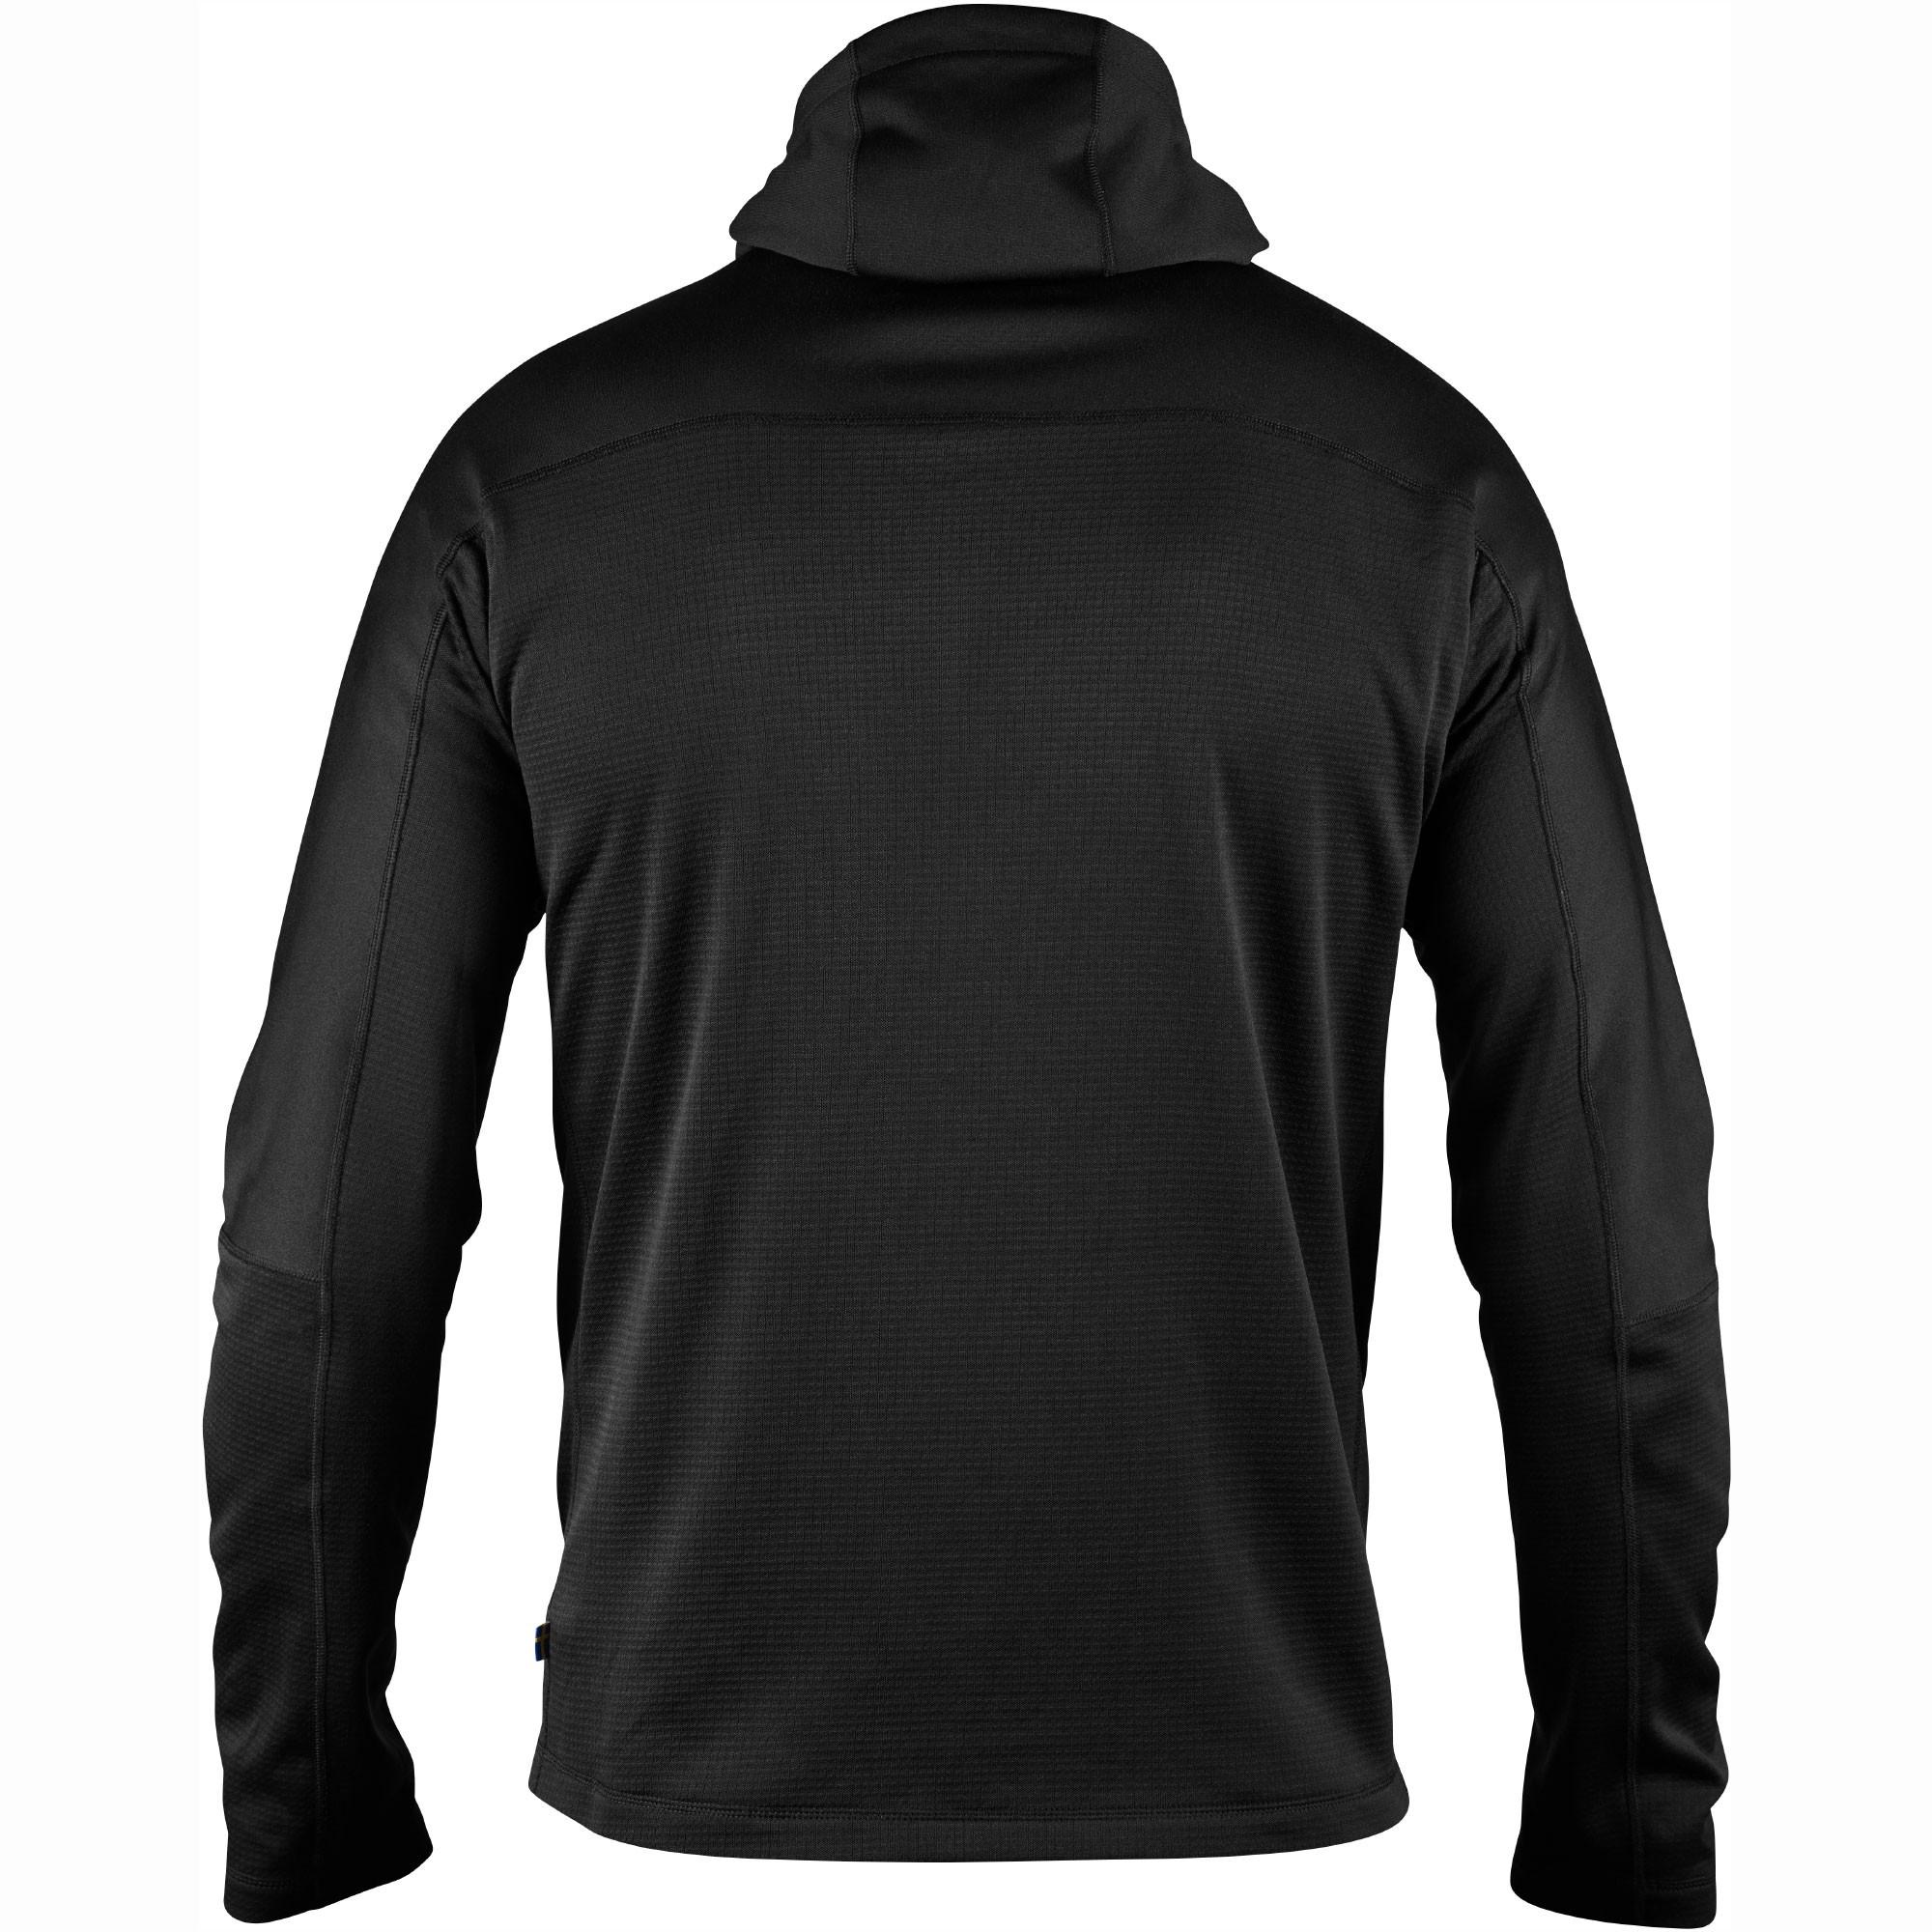 Fjallraven Abisko Trail Fleece 82257 - Black Back